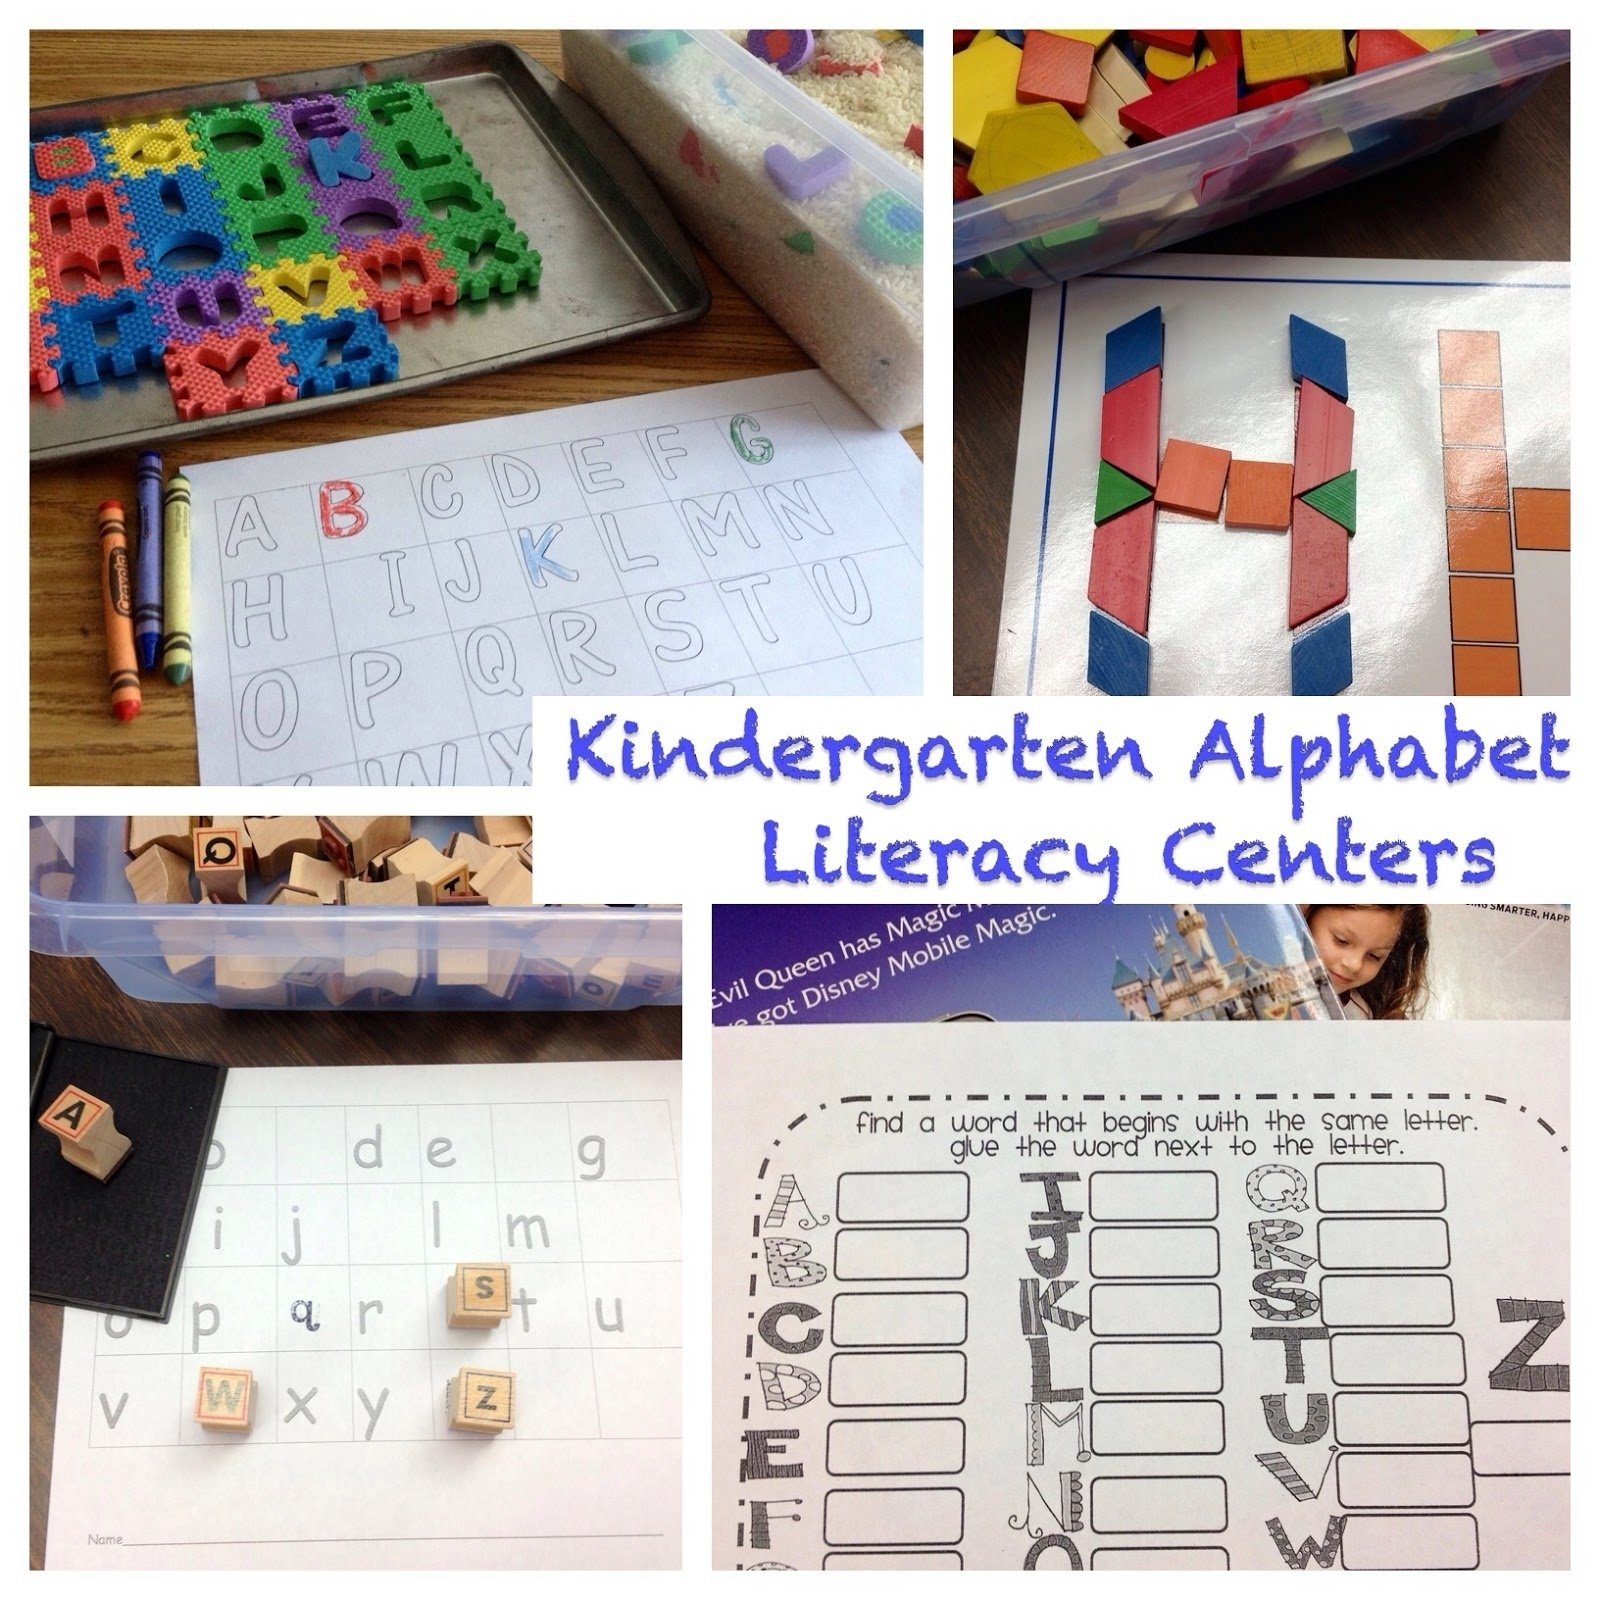 10 Lovely Literacy Center Ideas For Kindergarten kindergarten is crazy fun kindergarten abc literacy station ideas 1